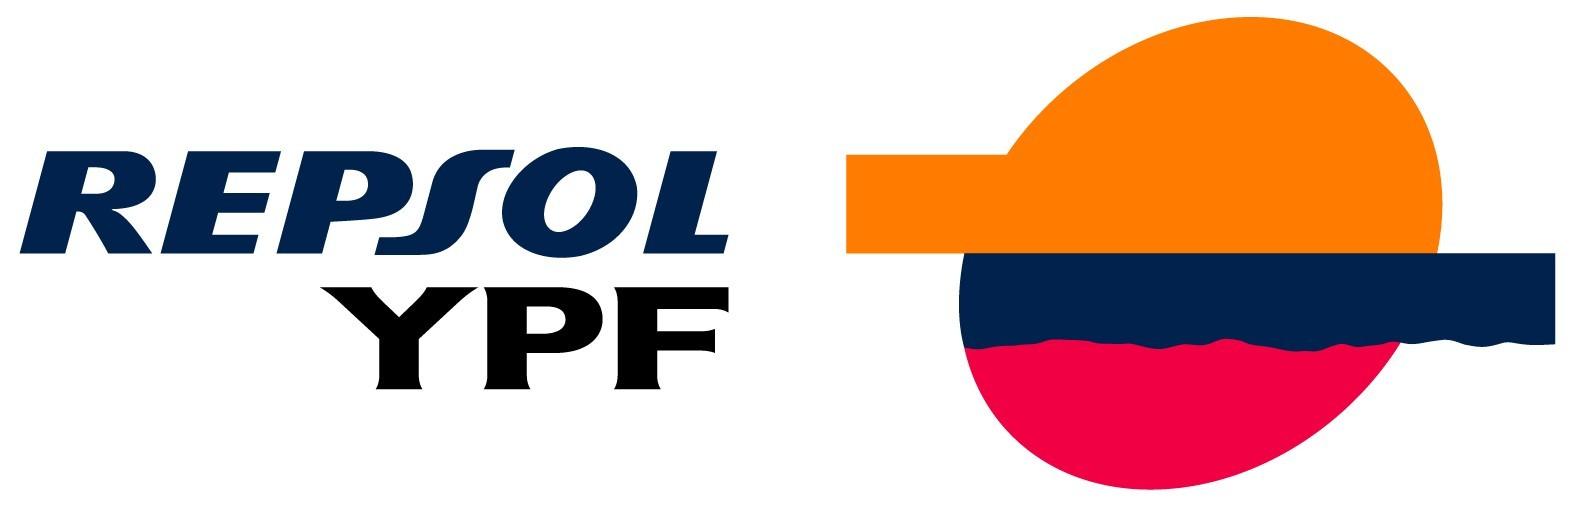 Repsol erlaubt usa inspektionen seiner offshore anlagen vor kuba